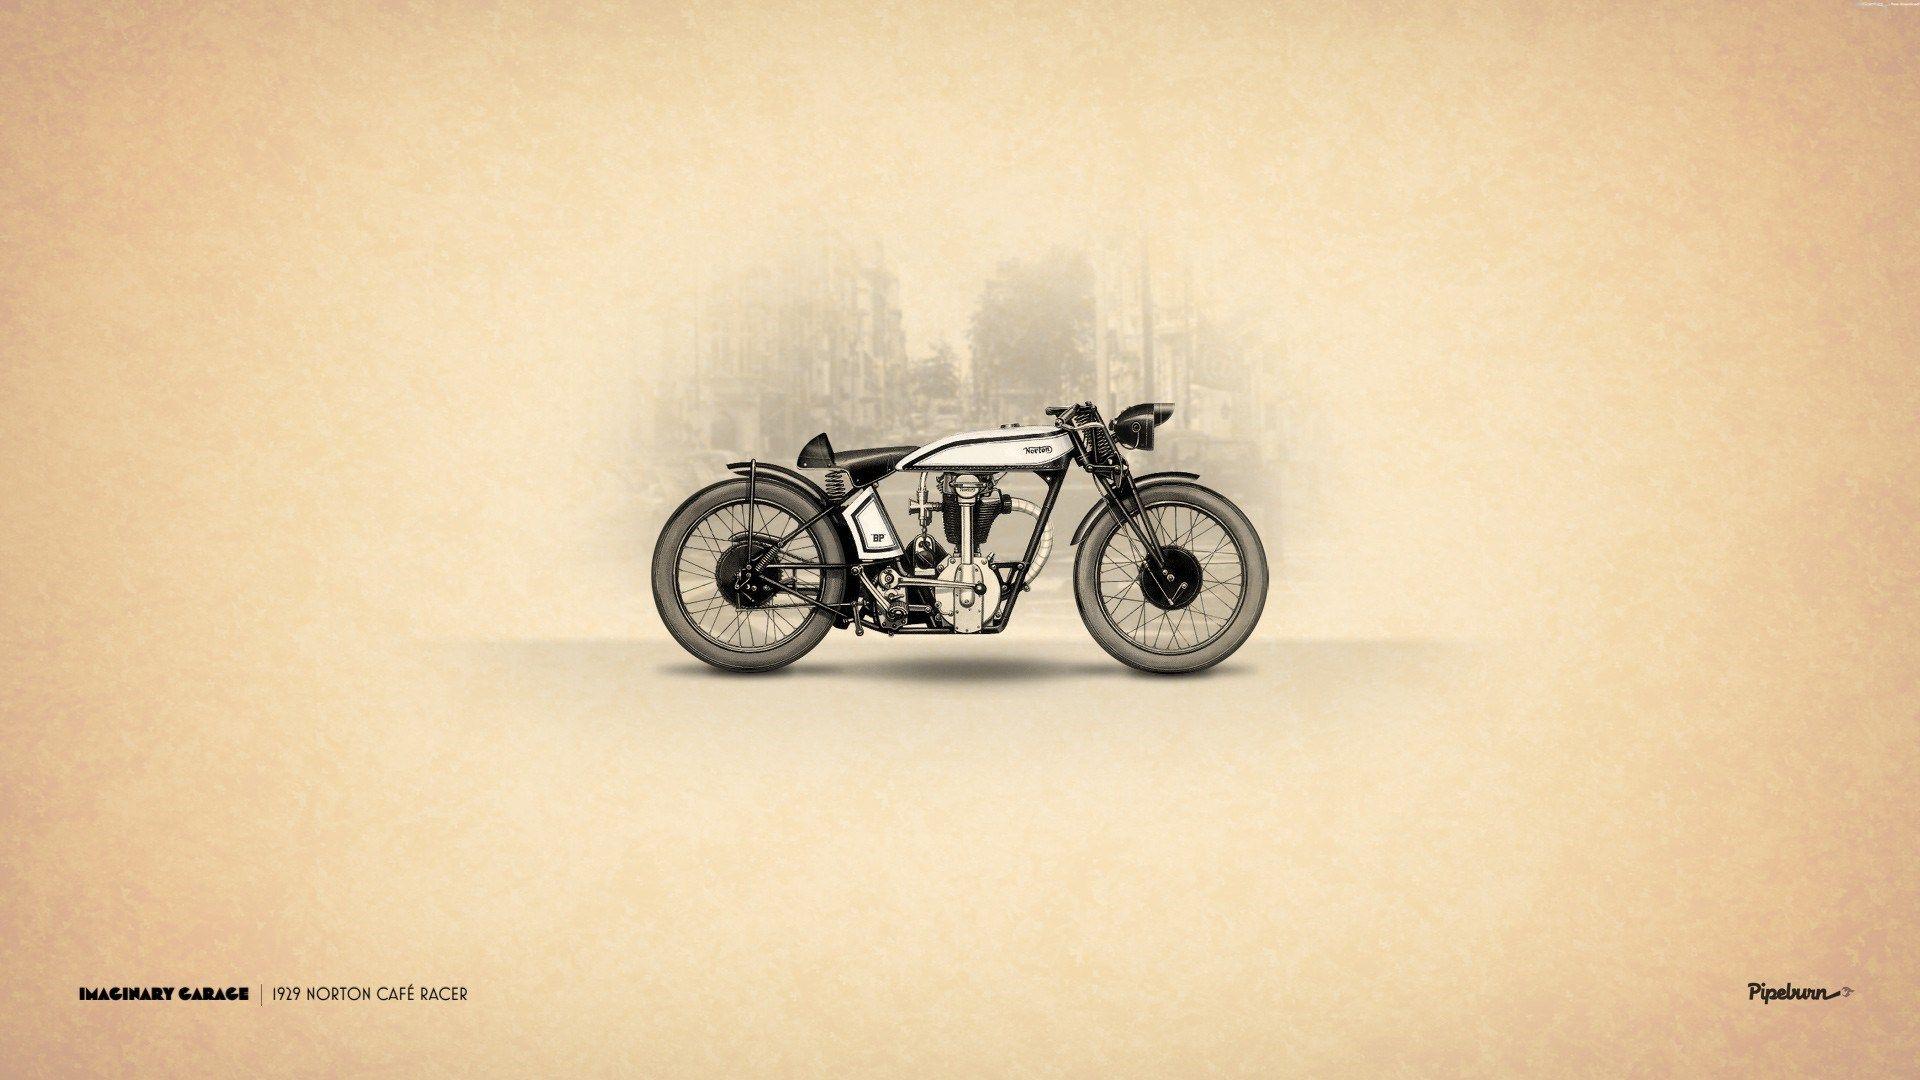 Vintage Motorcycle Wallpaper Desktop Norton Cafe Racer Cafe Racer Motorbike Art